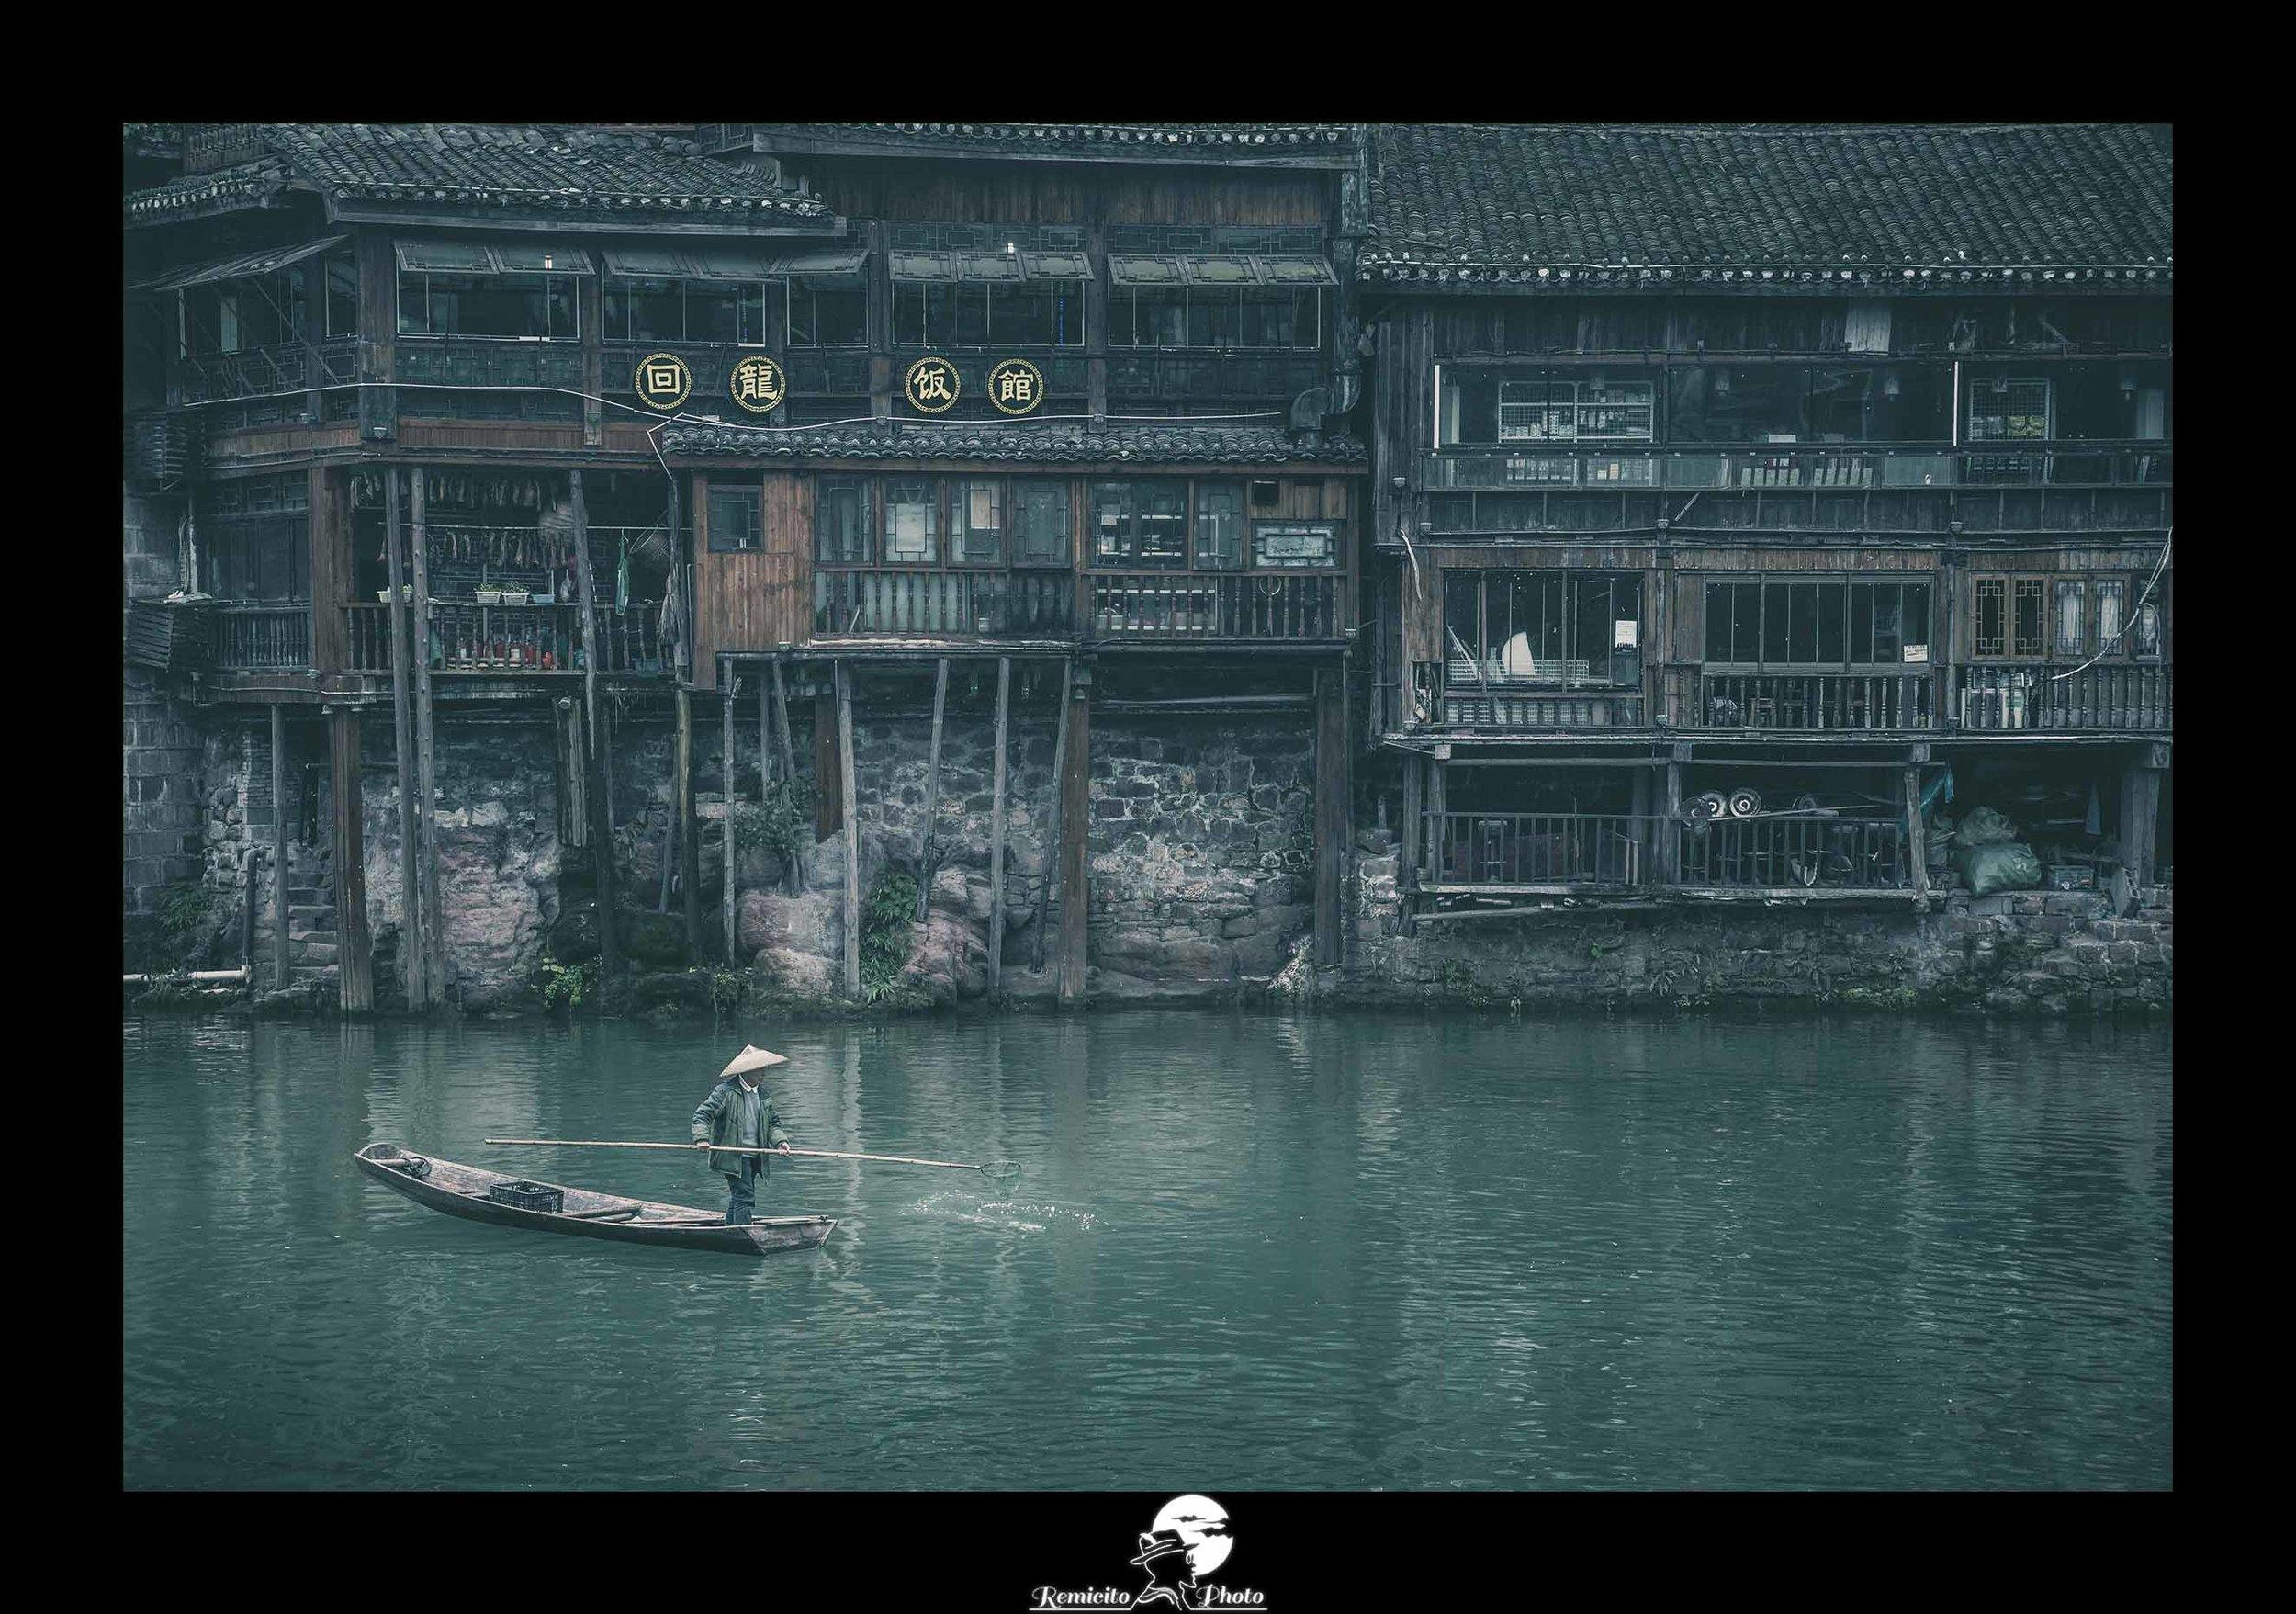 Remicito photo, remicito, image photo voyage pêcheur chine, belle photo voyage chine, photo du jour, fenghuang chine belle photo pêcheur, rivière chine, belle photo idée cadeau